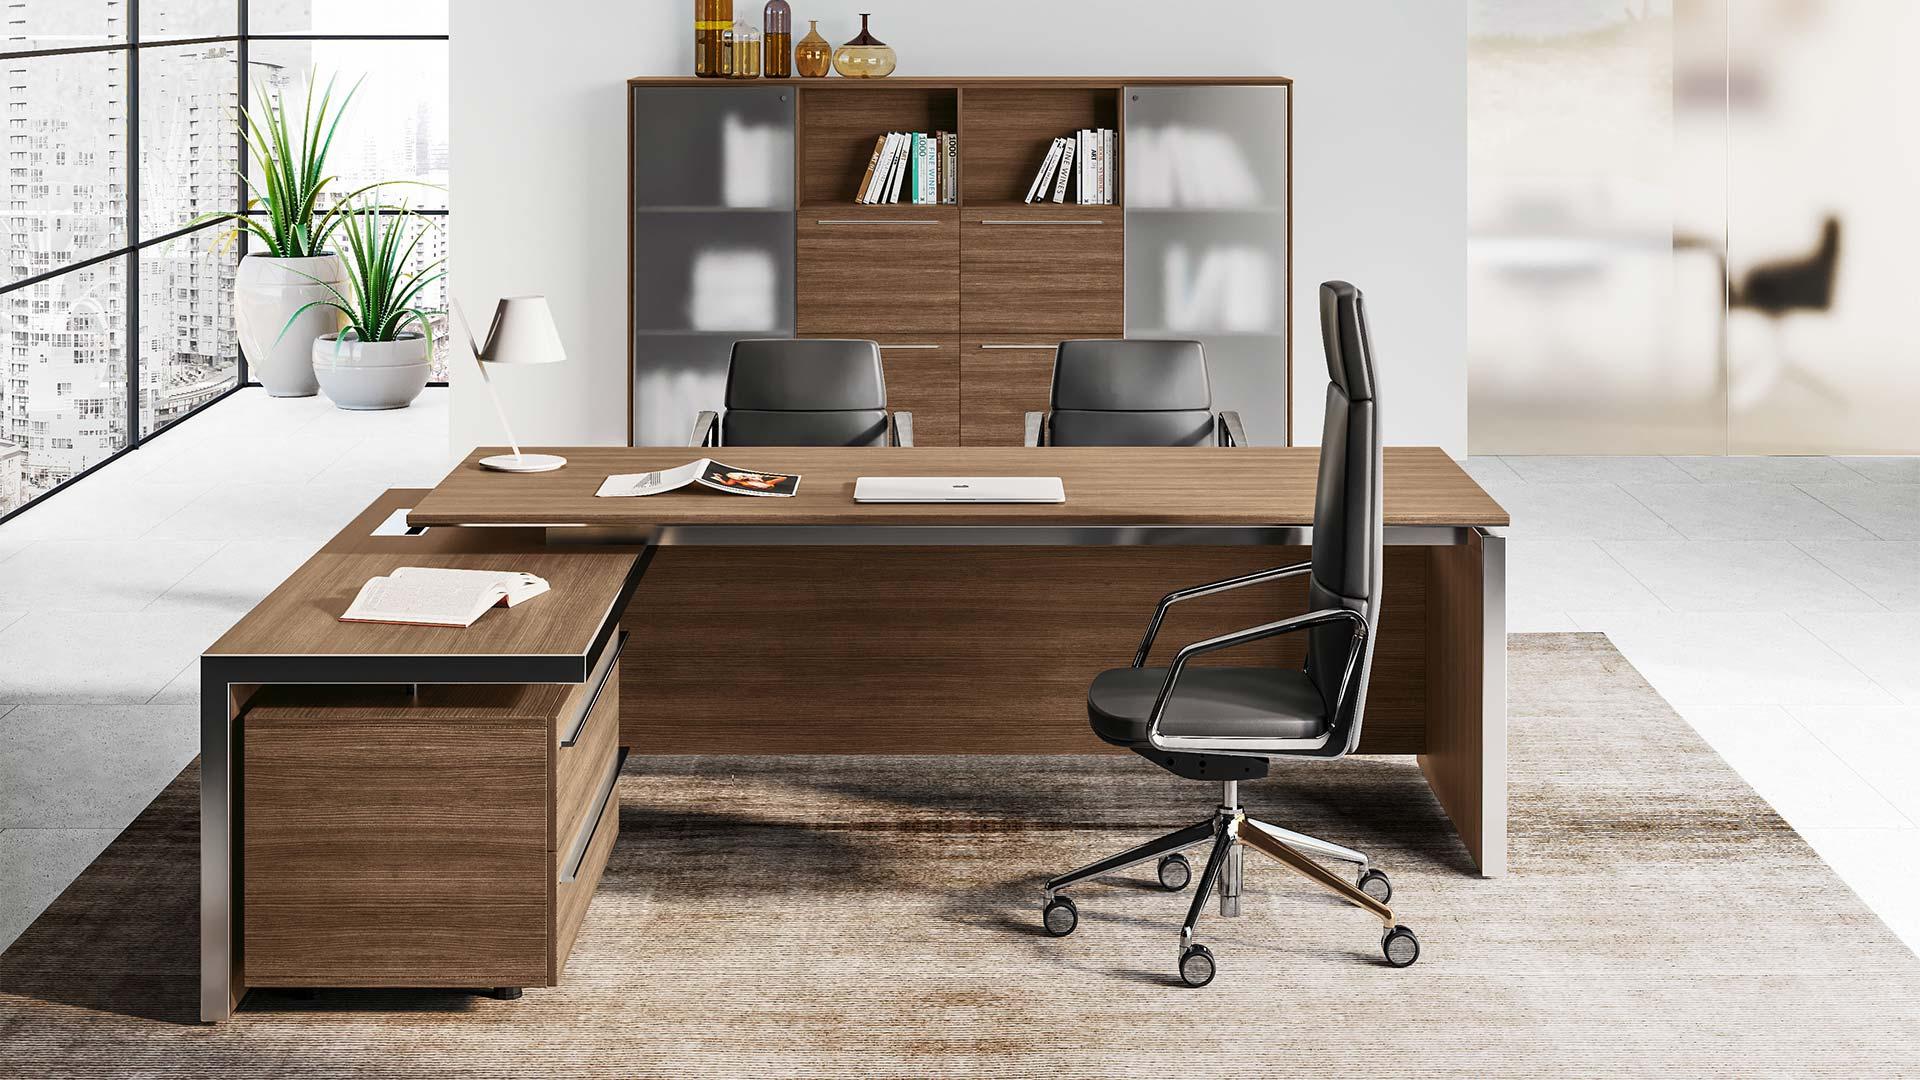 Почему выгодно приобретать офисную мебель под заказ? - Бизнес - Статьи